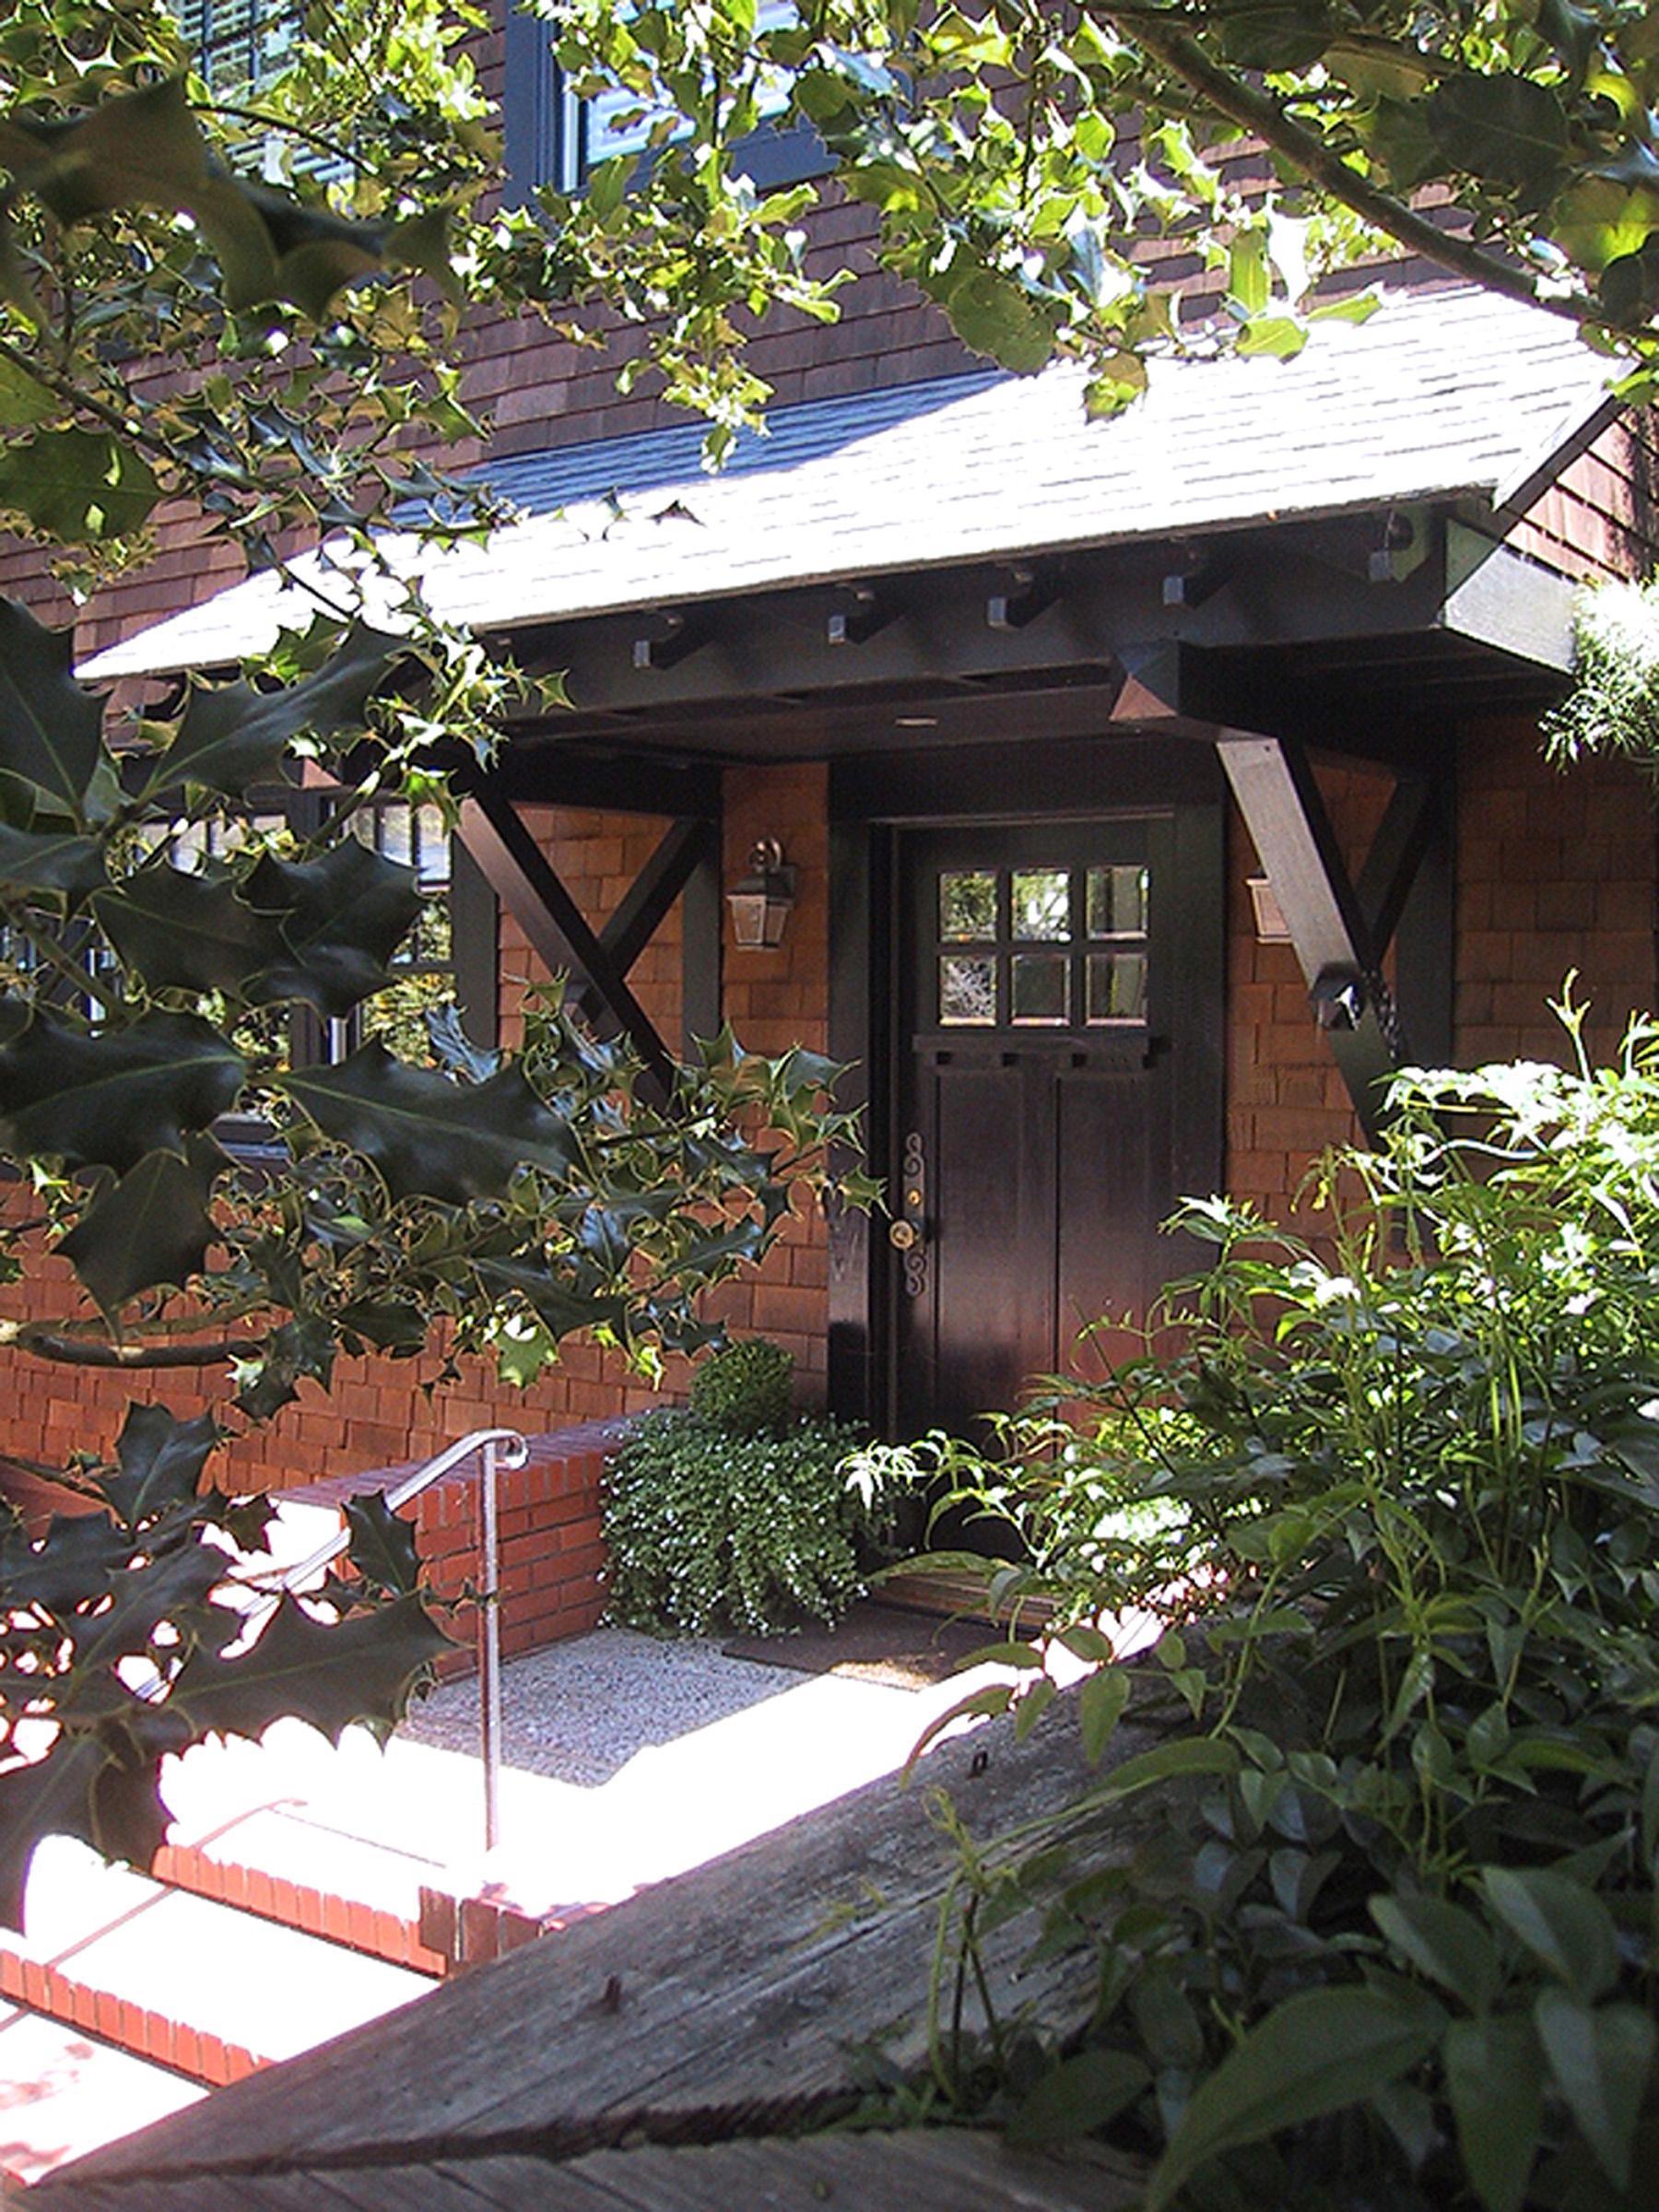 1 - 212 Porch fr uphill.jpg